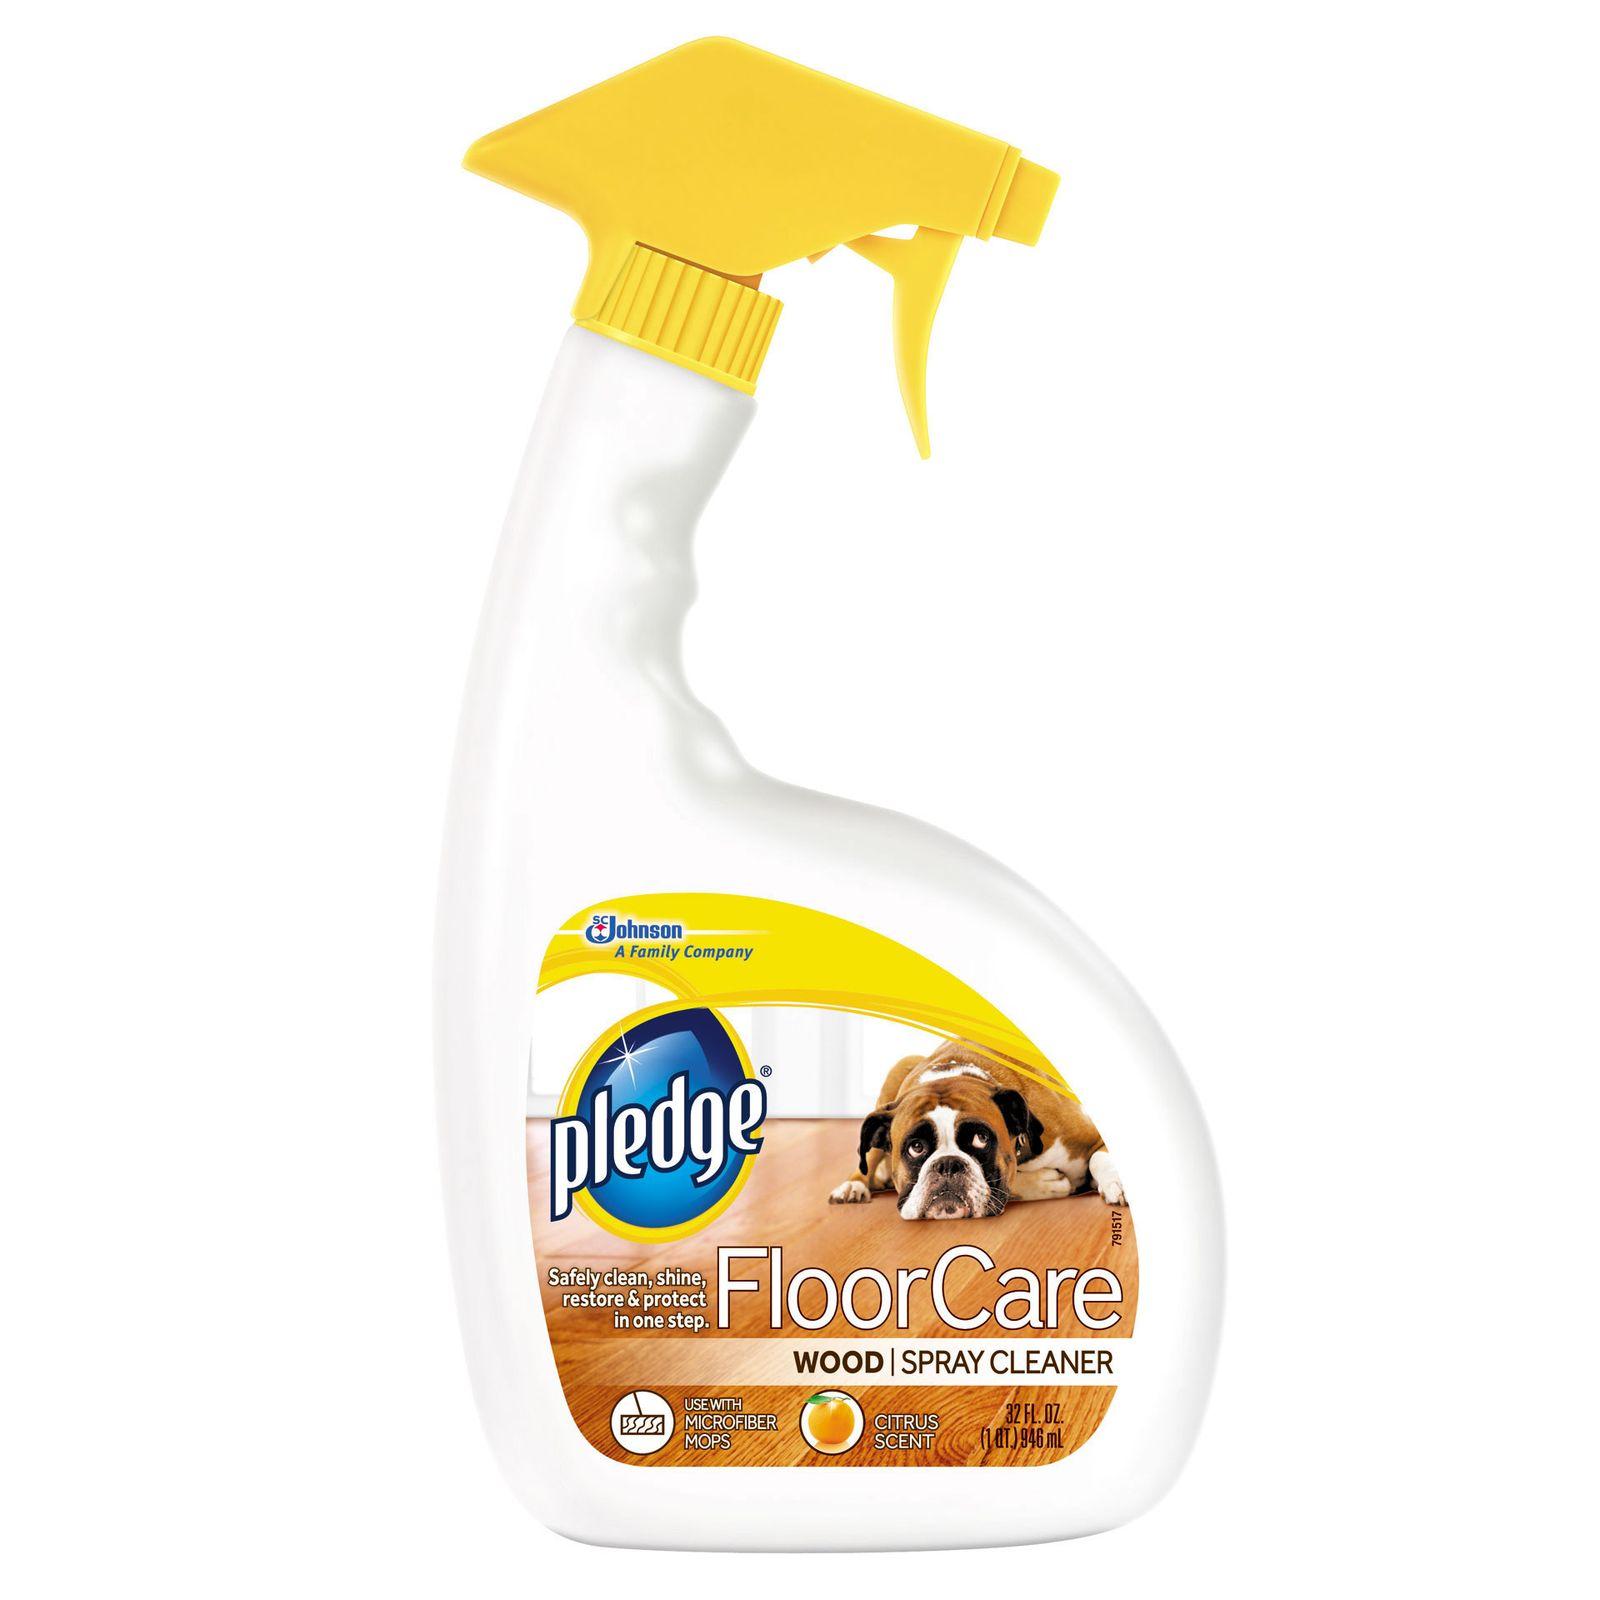 550052d063e74-ghk-pledge-floor-care-wood-spray-cleaner-s2